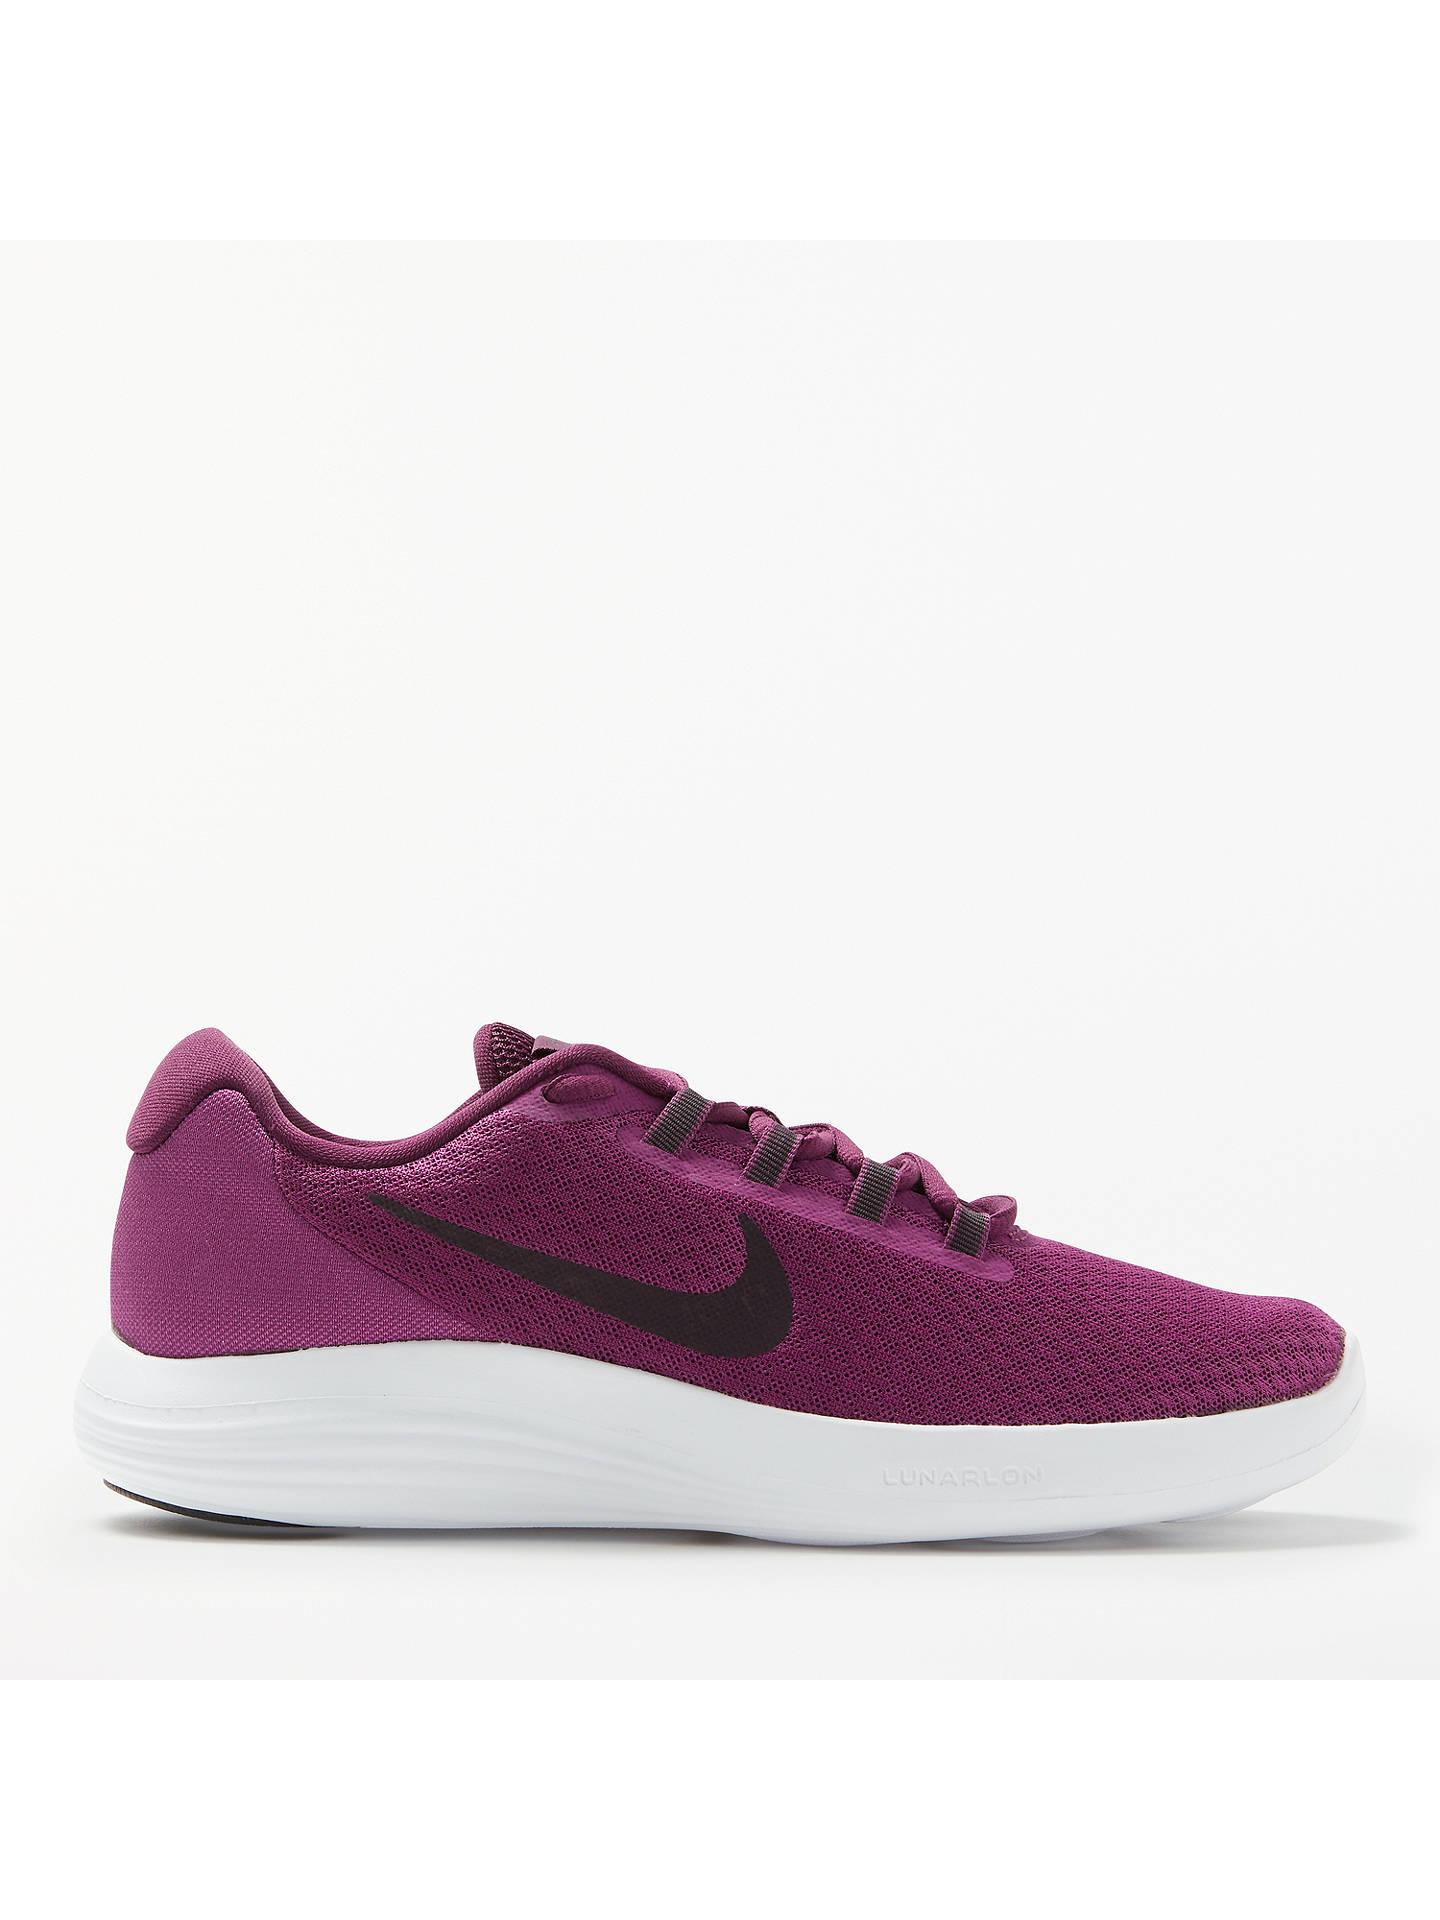 20ad5b50be4 Nike LunarConverge Women's Running Shoe at John Lewis & Partners